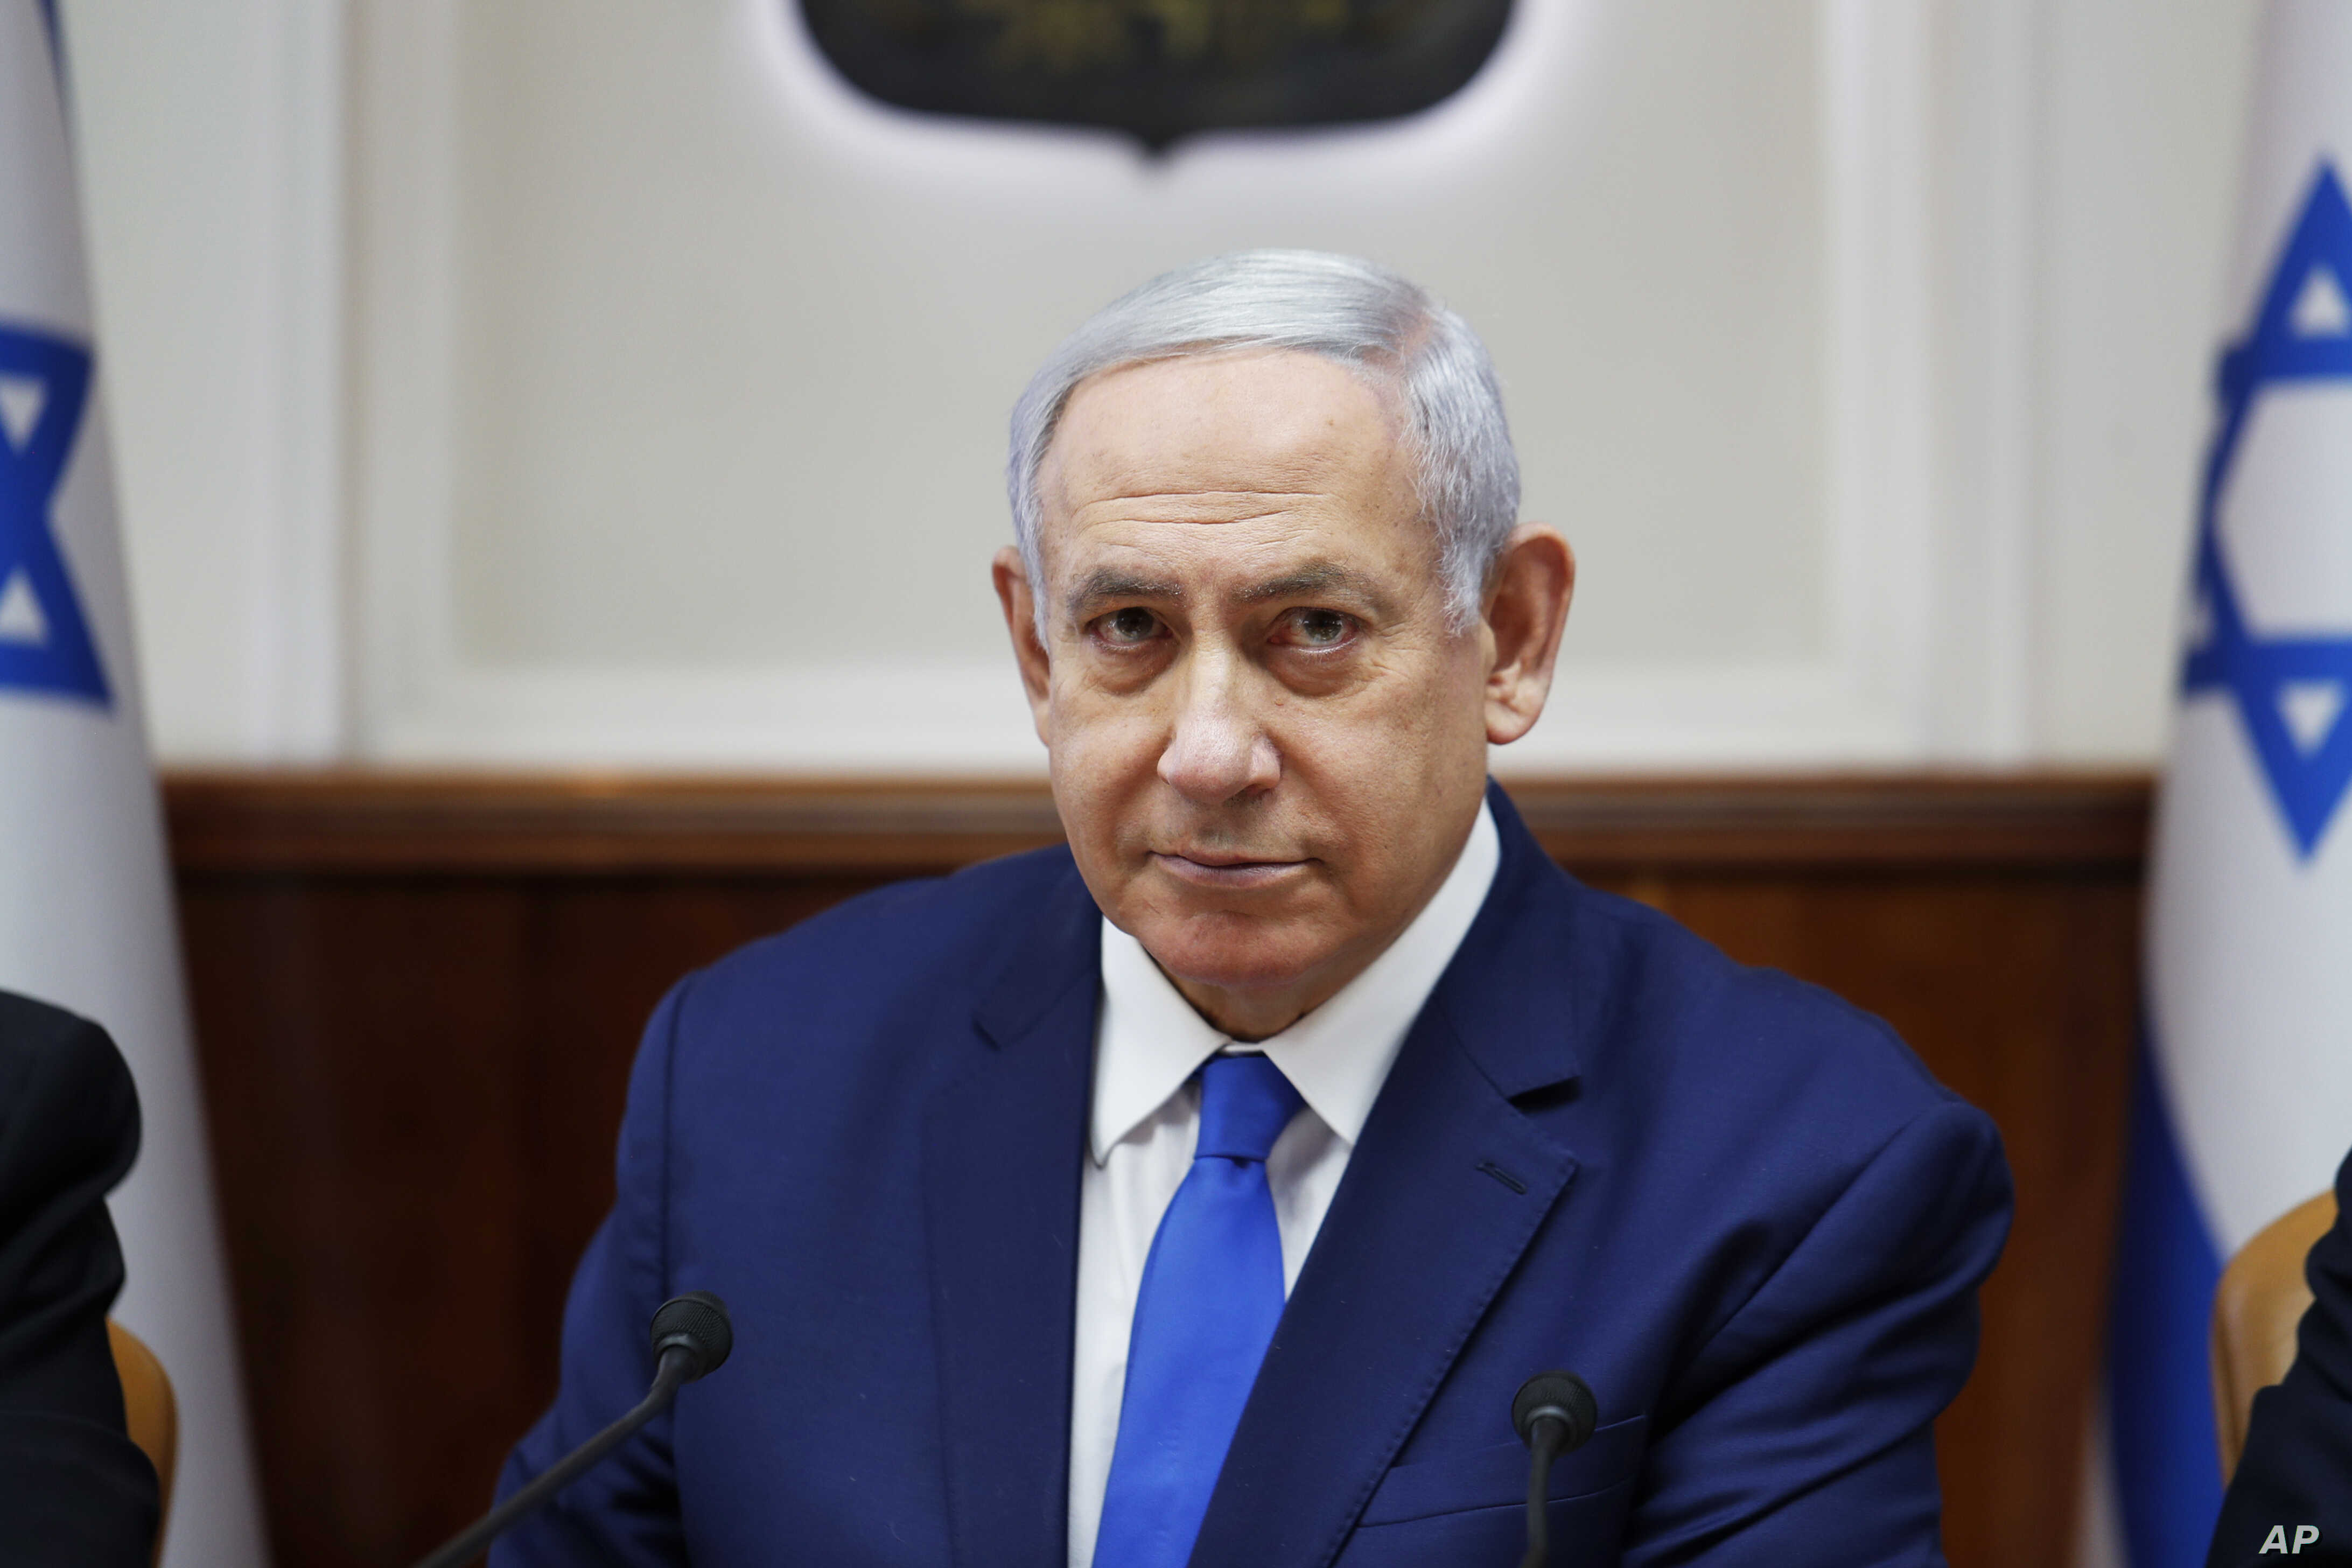 Netanyahu annonce la visite d'une délégation marocaine en Israël en début de semaine